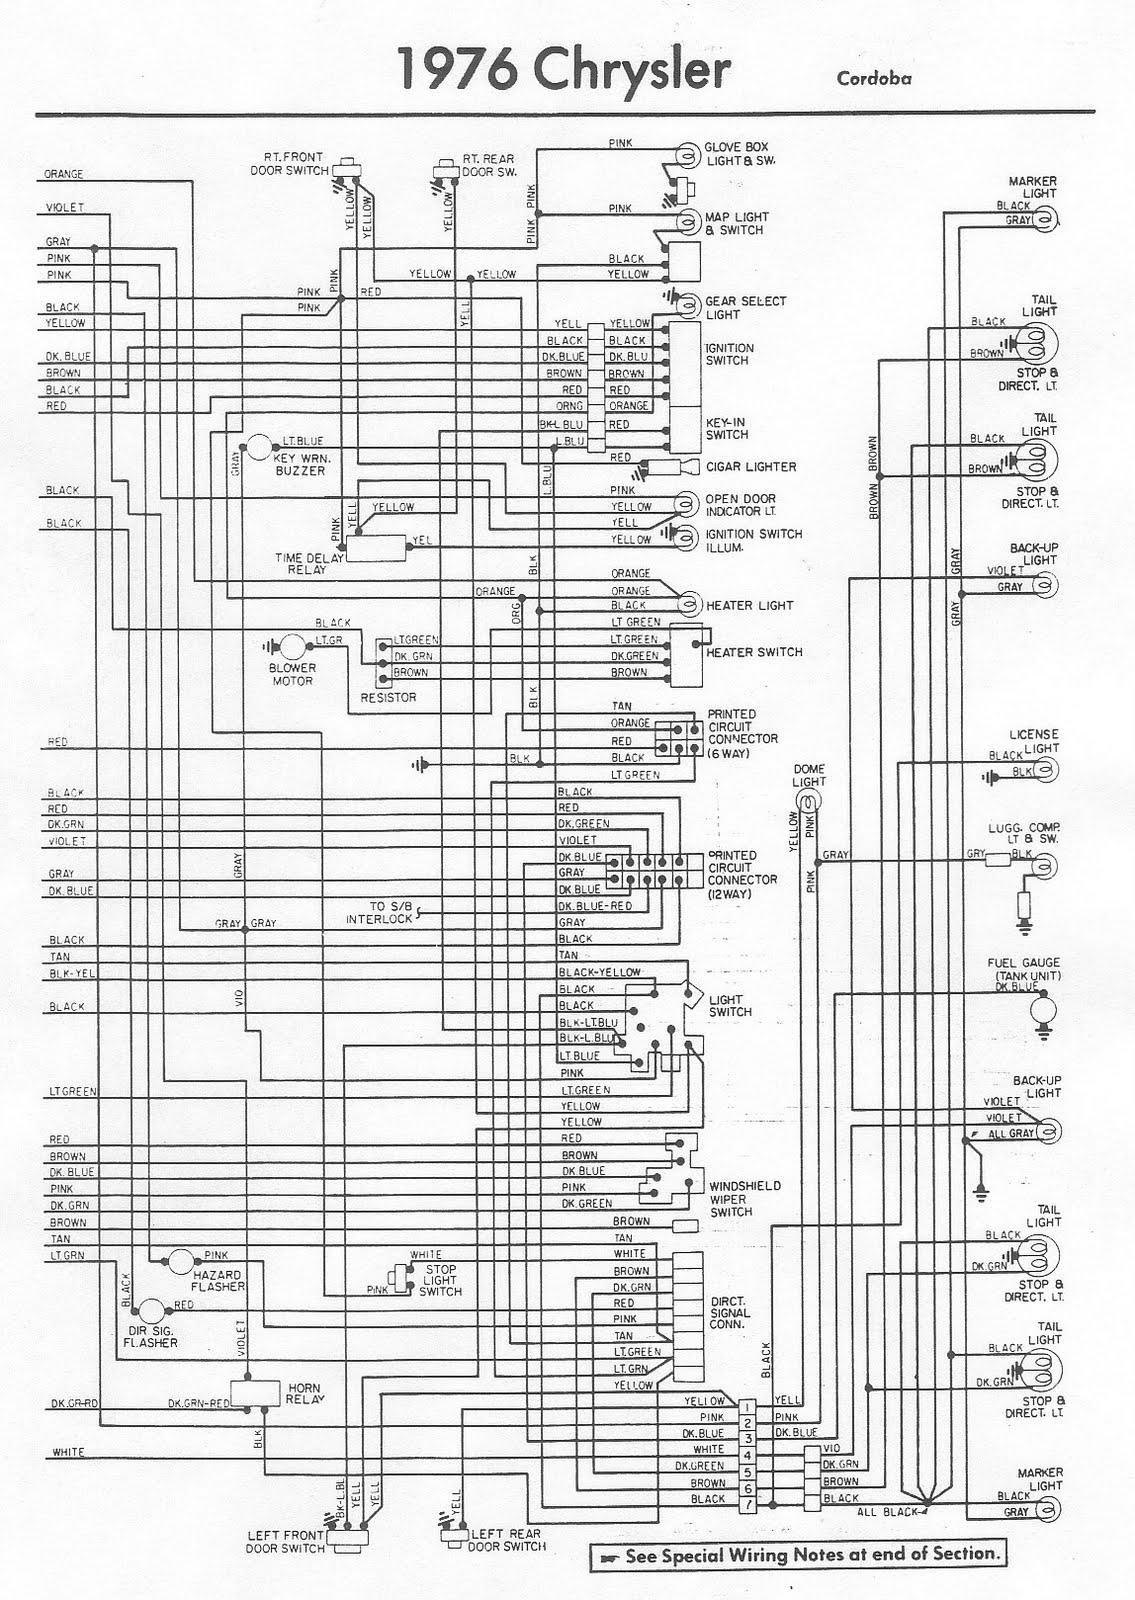 1976 Chrysler Cordoba Stromkreis Diagramm Bordz